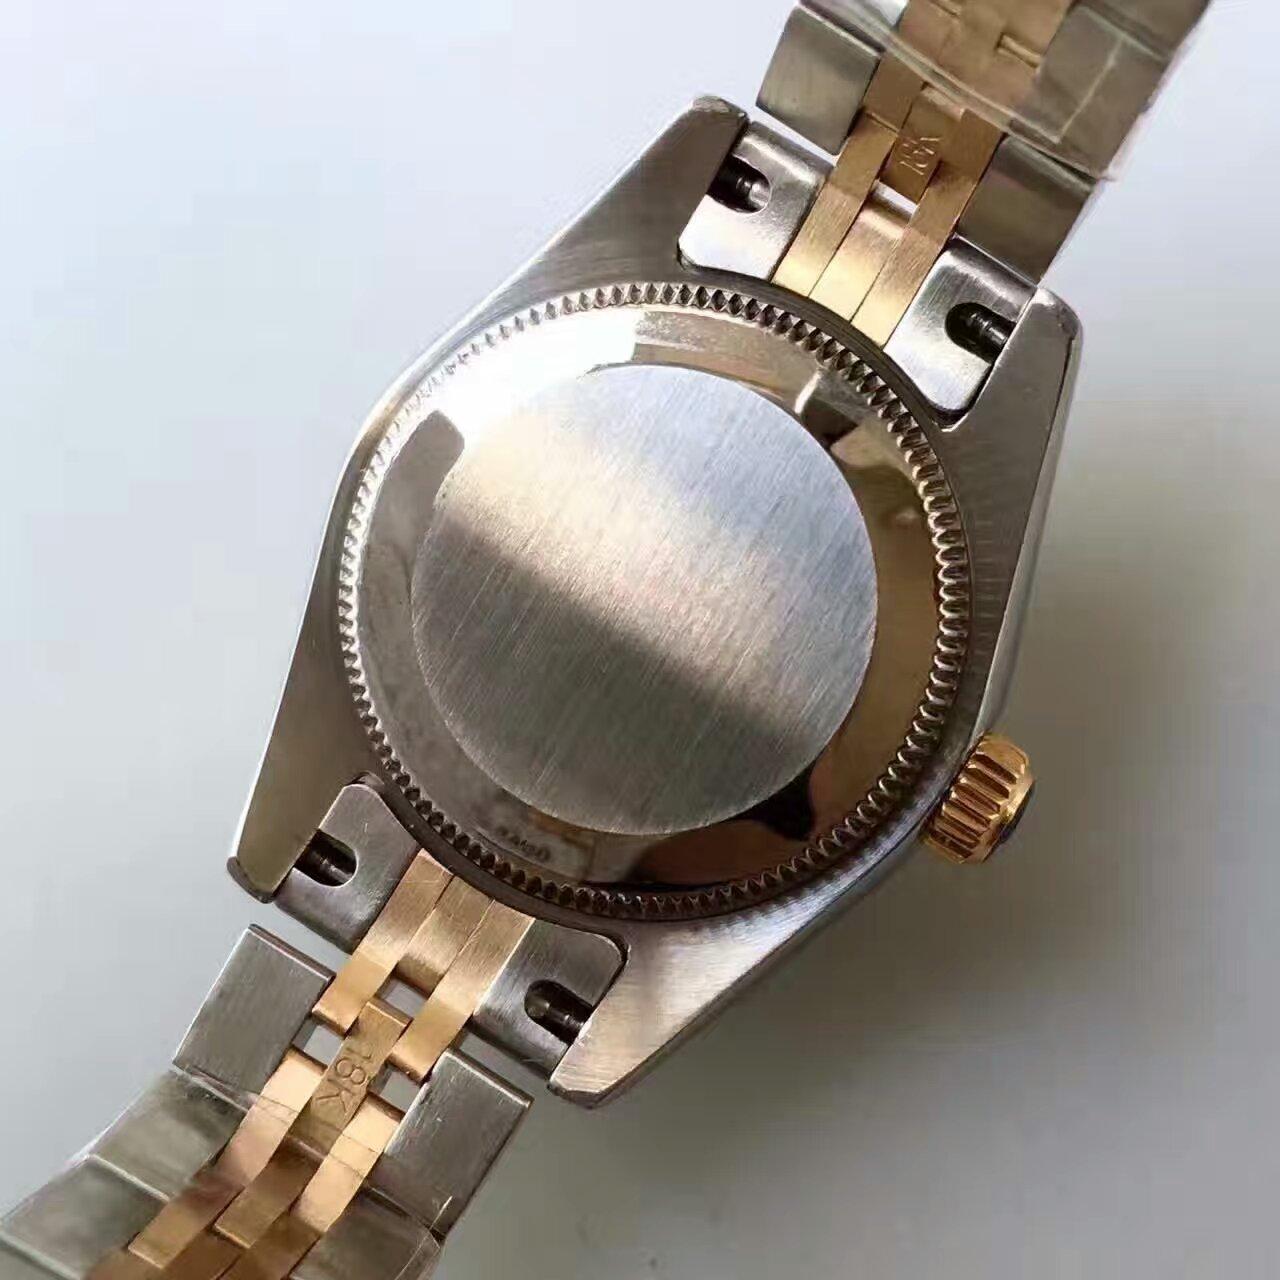 【台湾厂顶级复刻手表】劳力士女装日志型系列279383RBR香槟色表盘女士腕表 / R144